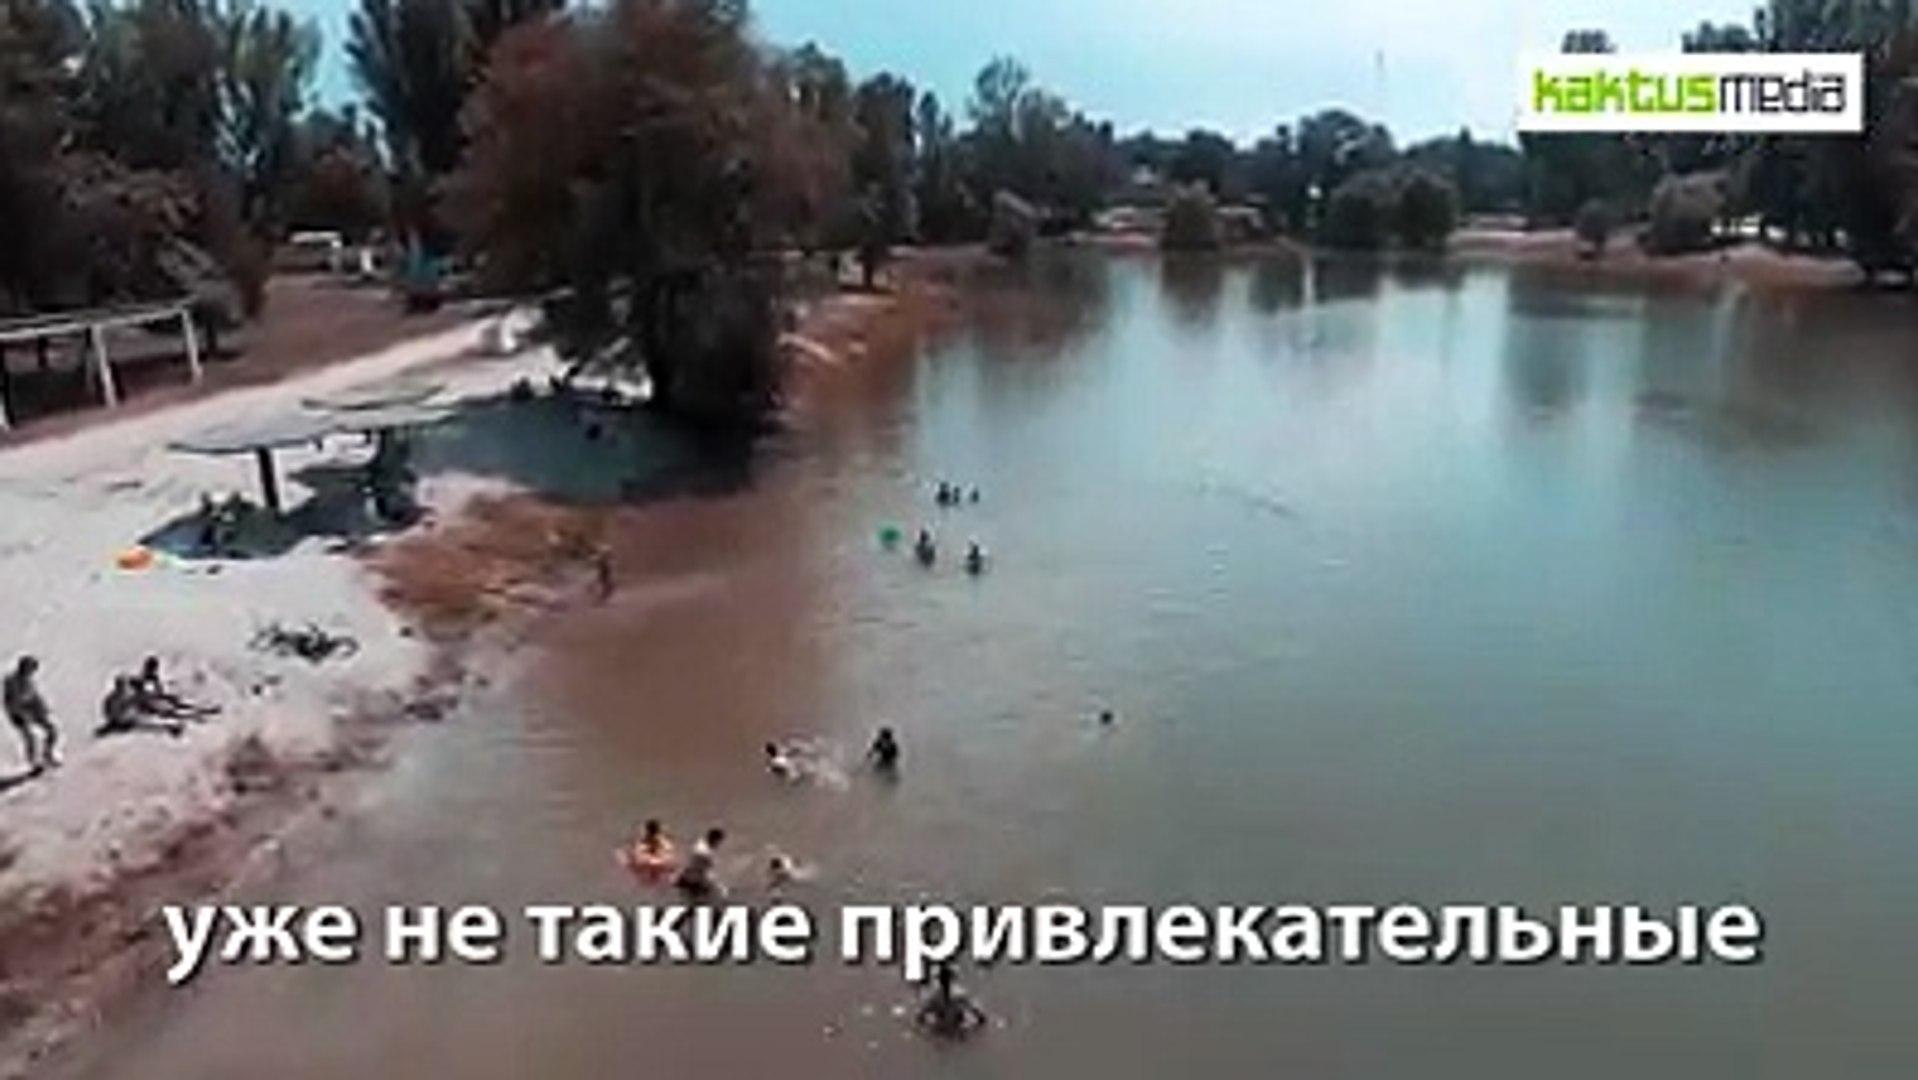 Не успели съездить на Иссык-Куль? Тогда давайте посмотрим в каком состоянии сейчас водоемы Бишкека. А вы в них уже купались?